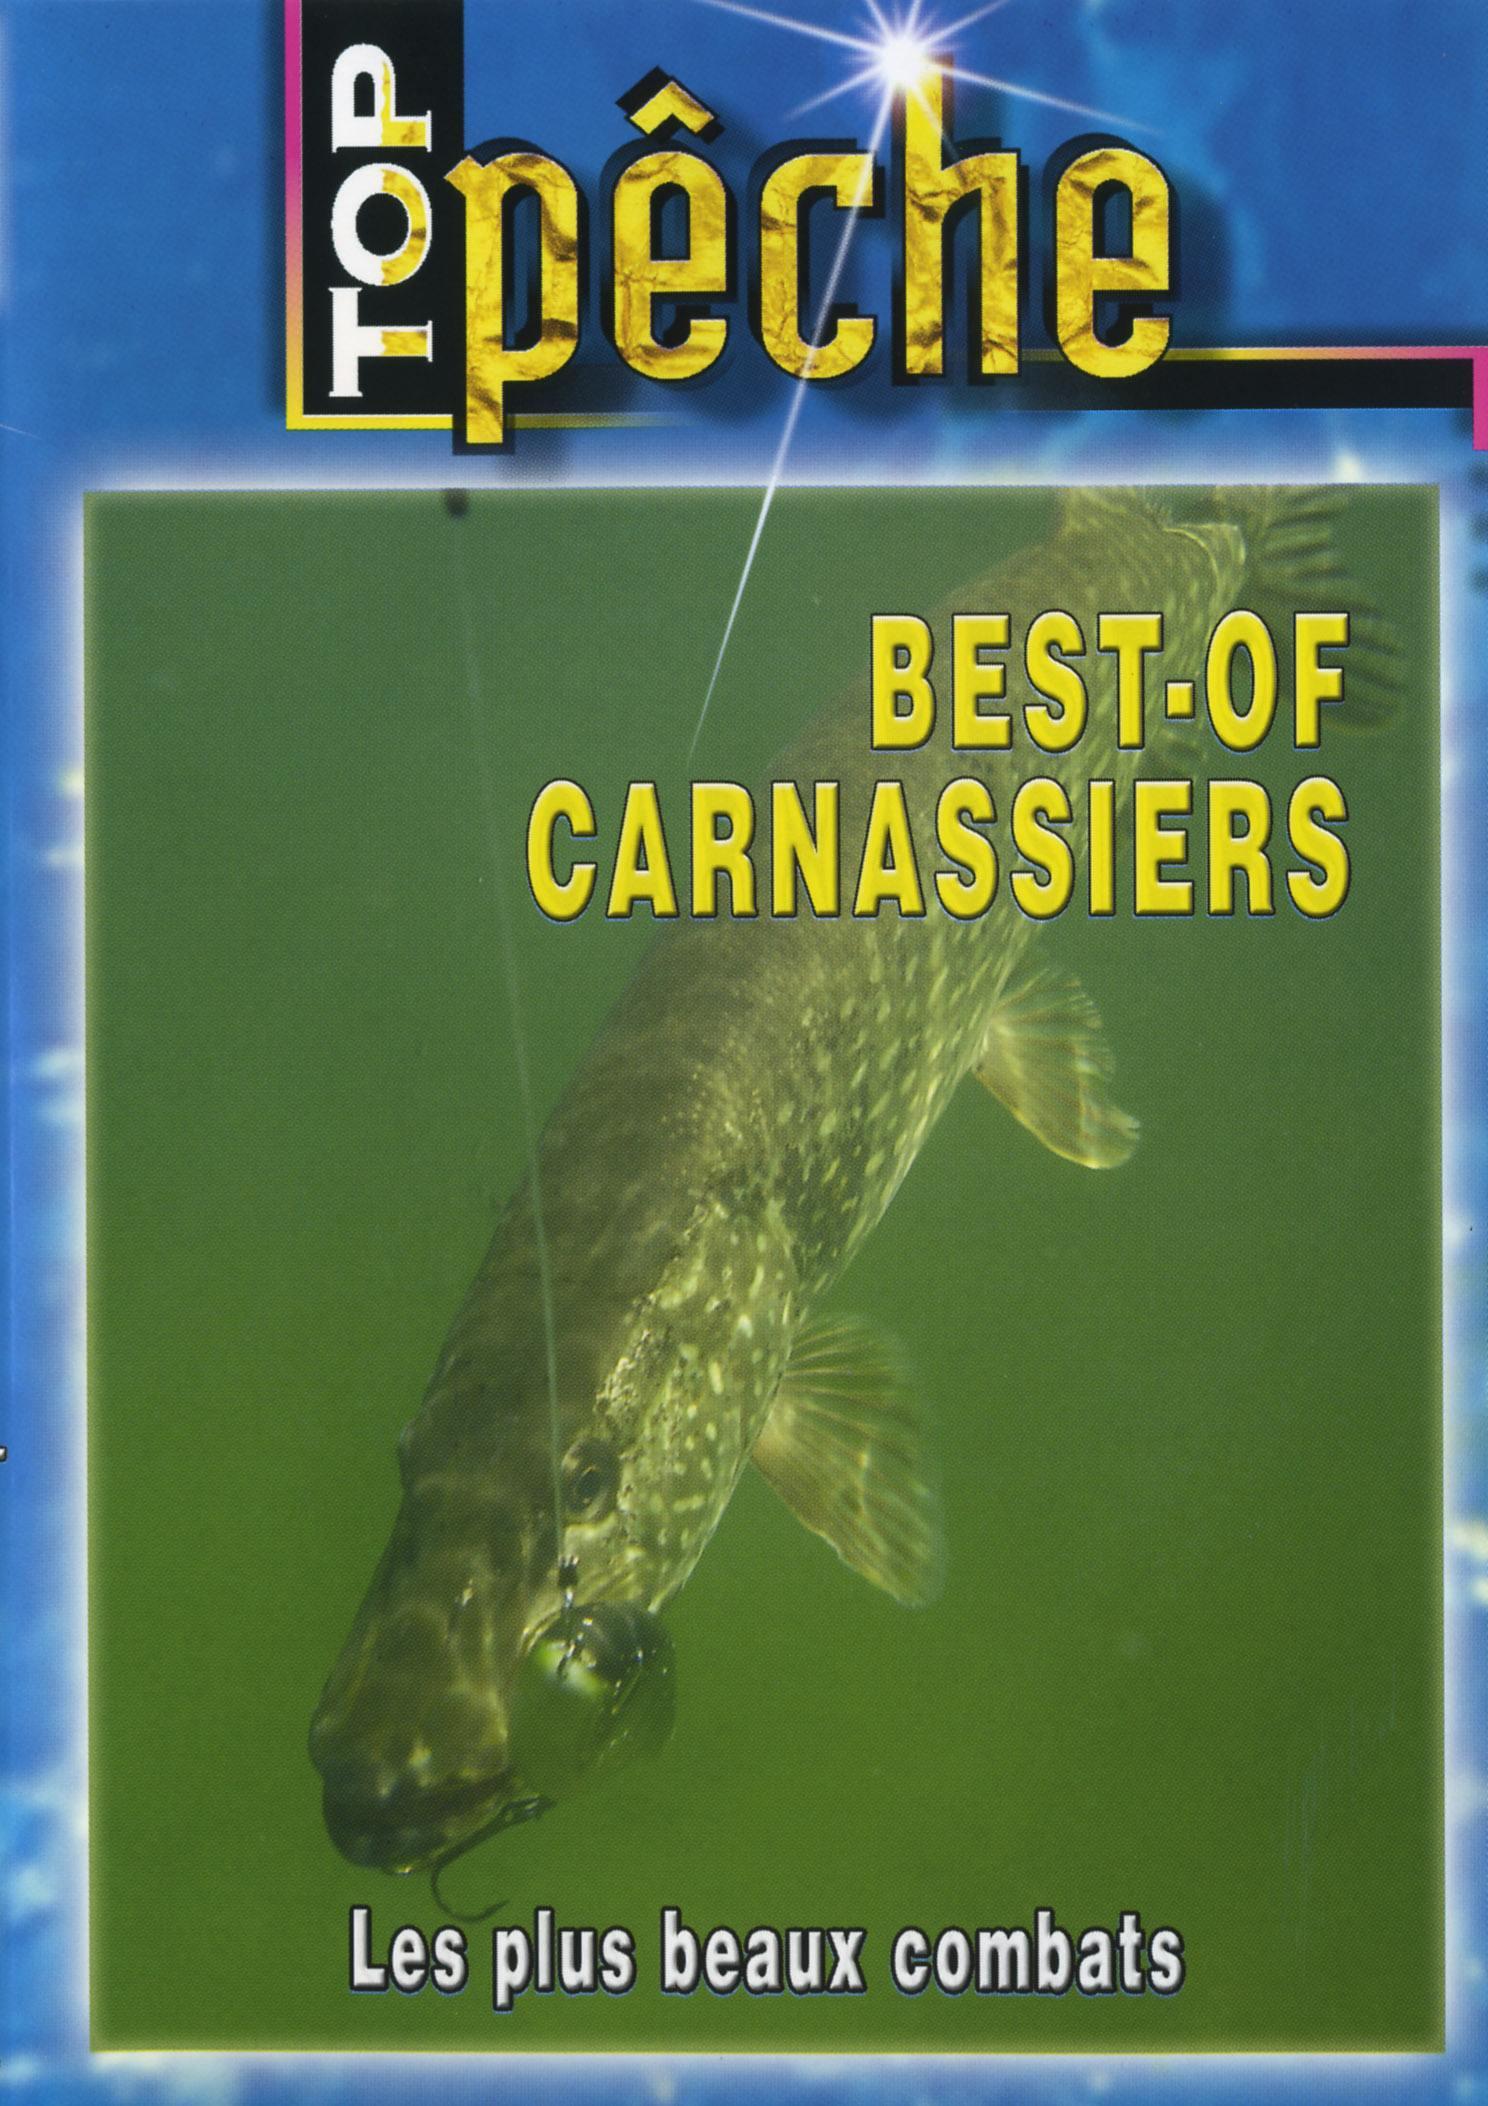 Top peche - best of carnassiers - dvd